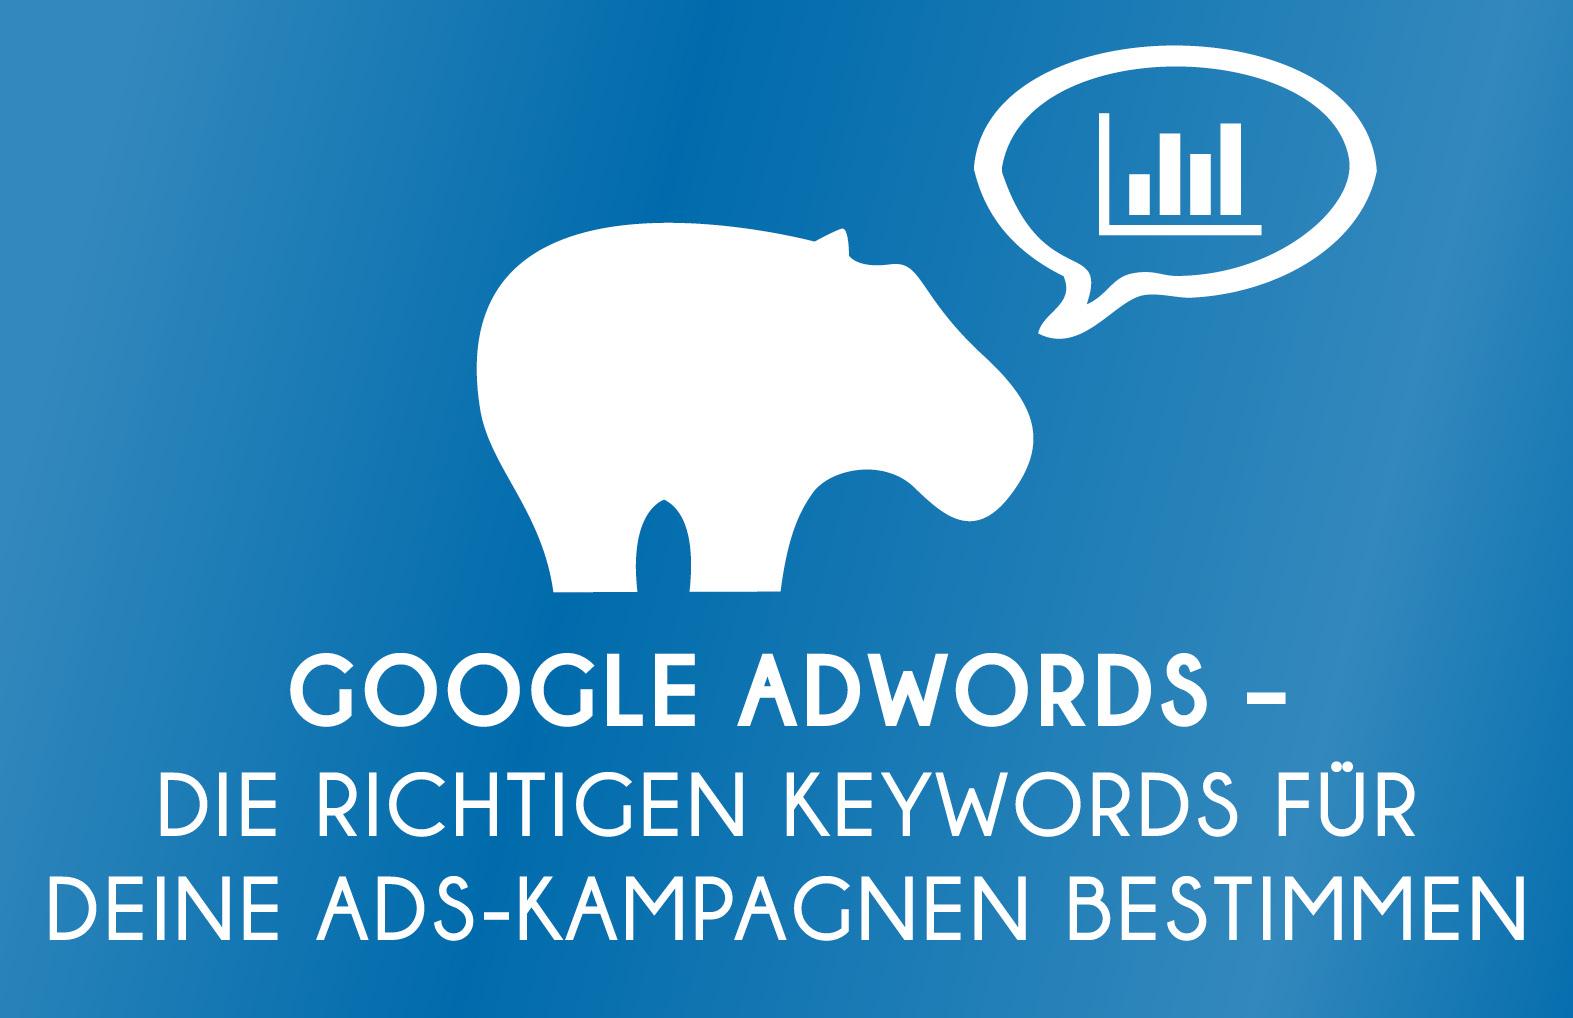 Google Ads - Das solltest Du bei der Keyword Recherche bachten